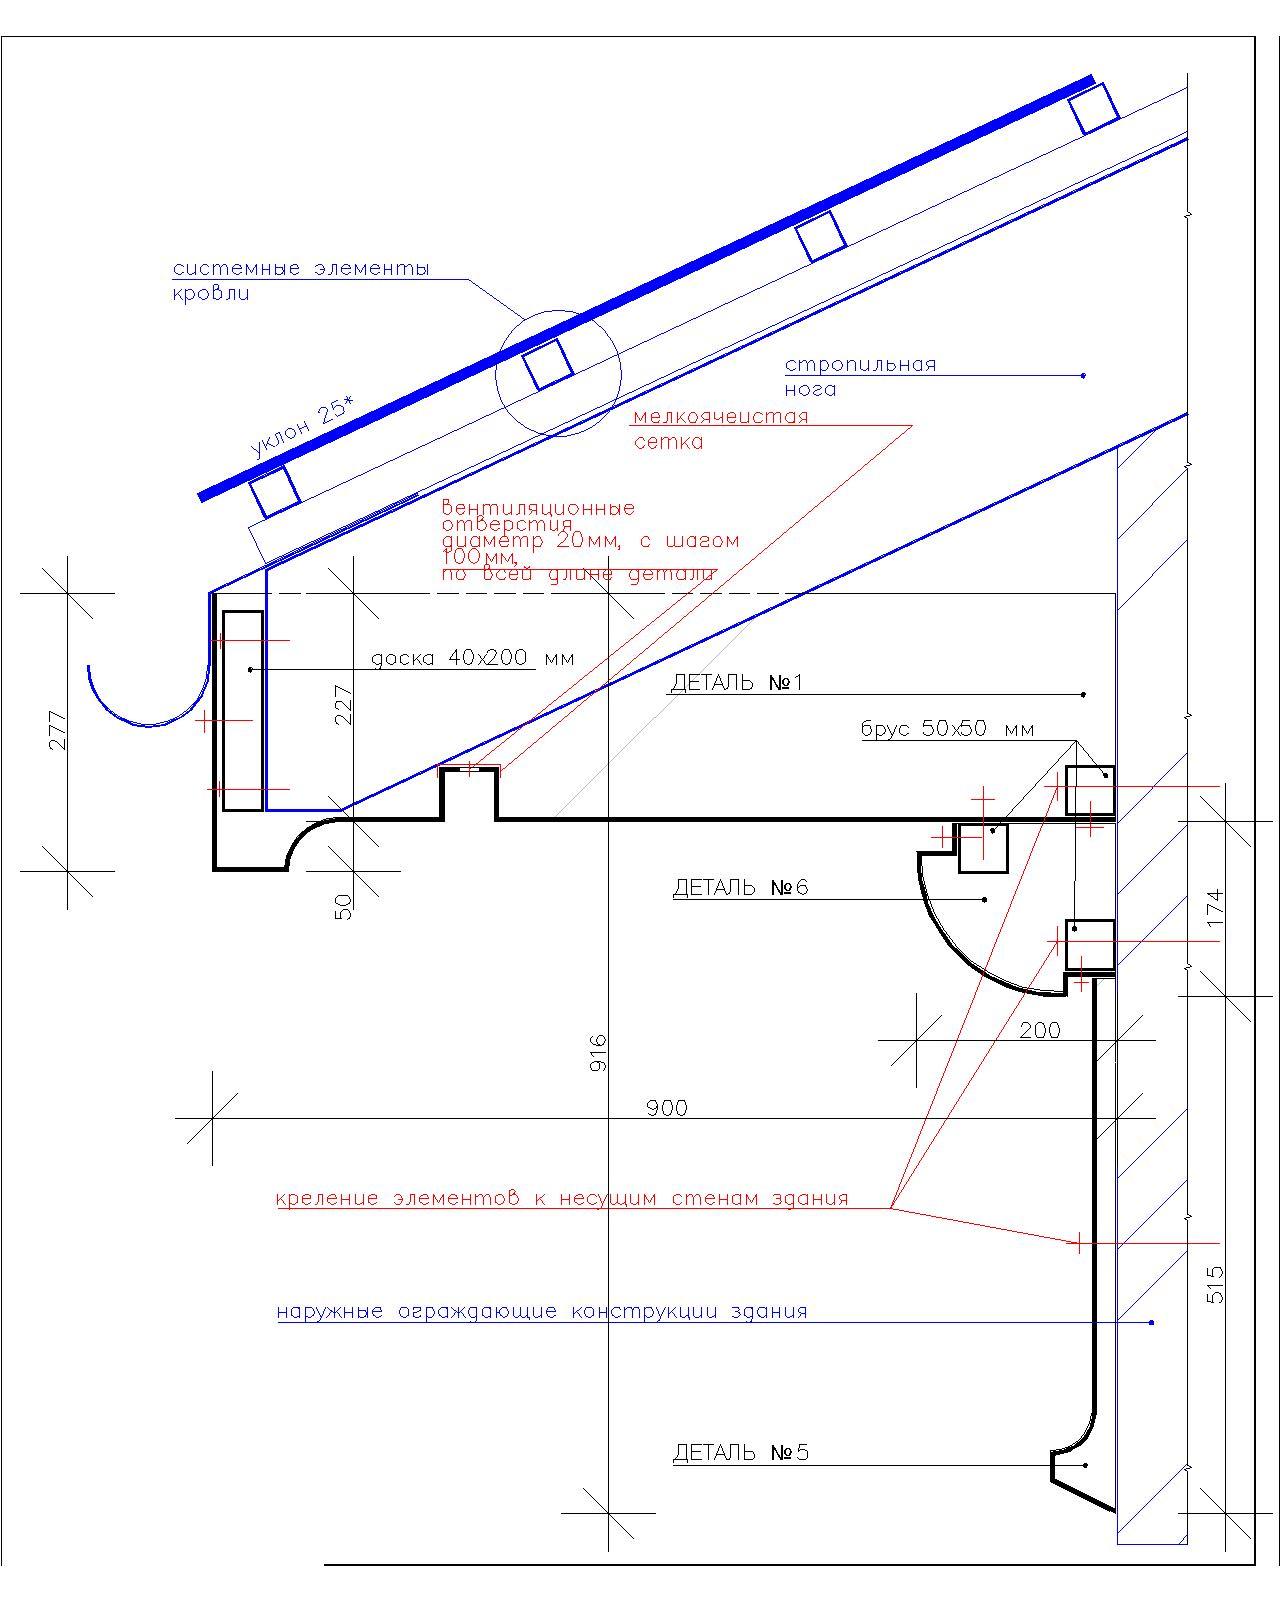 Карнизы, подшивка свесов крыши - Оформление фасадов: стеклофибробетон, изделия из пенопласта (пенополистирола) - АрхСтройДеталь